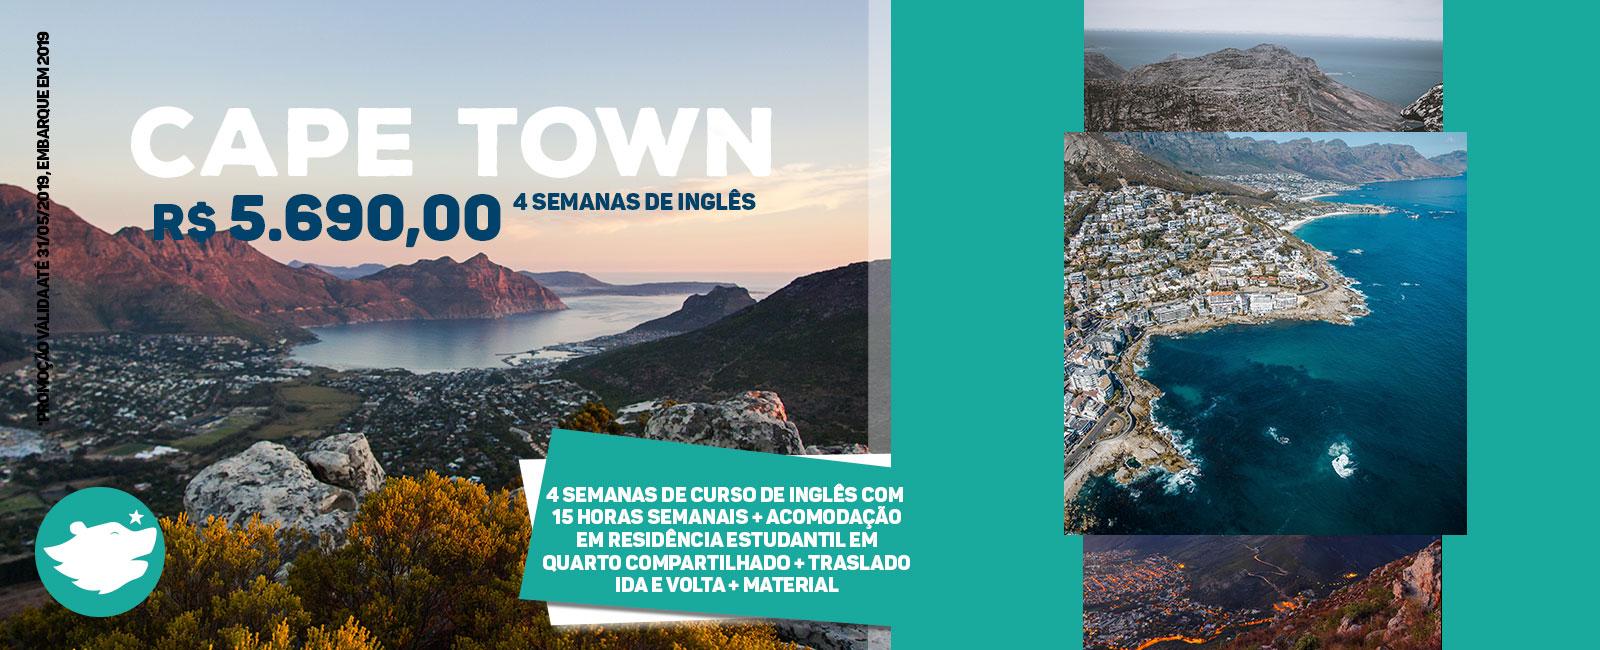 Imagem promocional para estudar em Cape Town com algumas fotos de paisagem